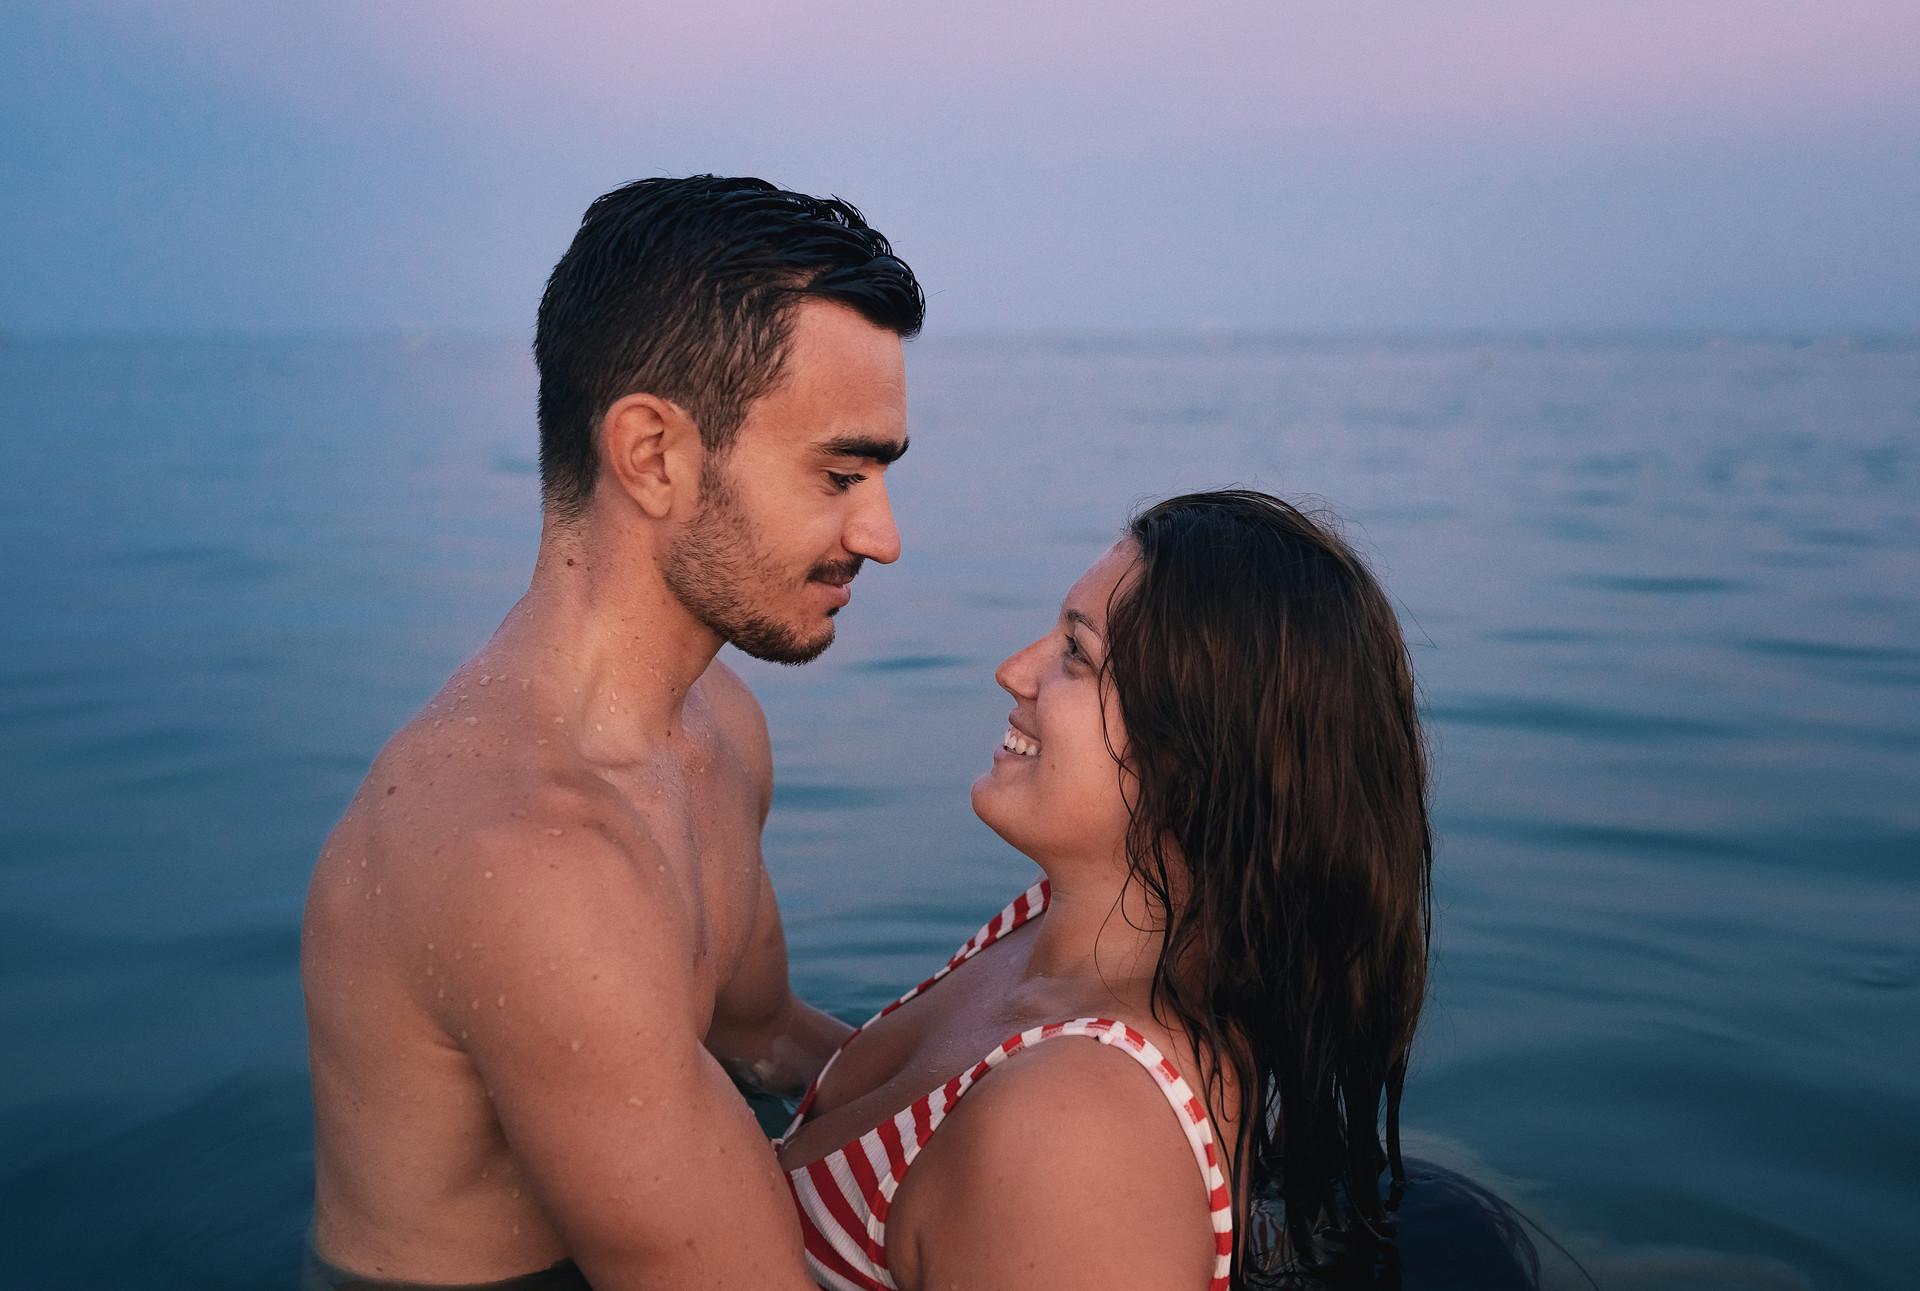 Maryne & Jimmy - CHARLOTTE SZCZEPANIAK